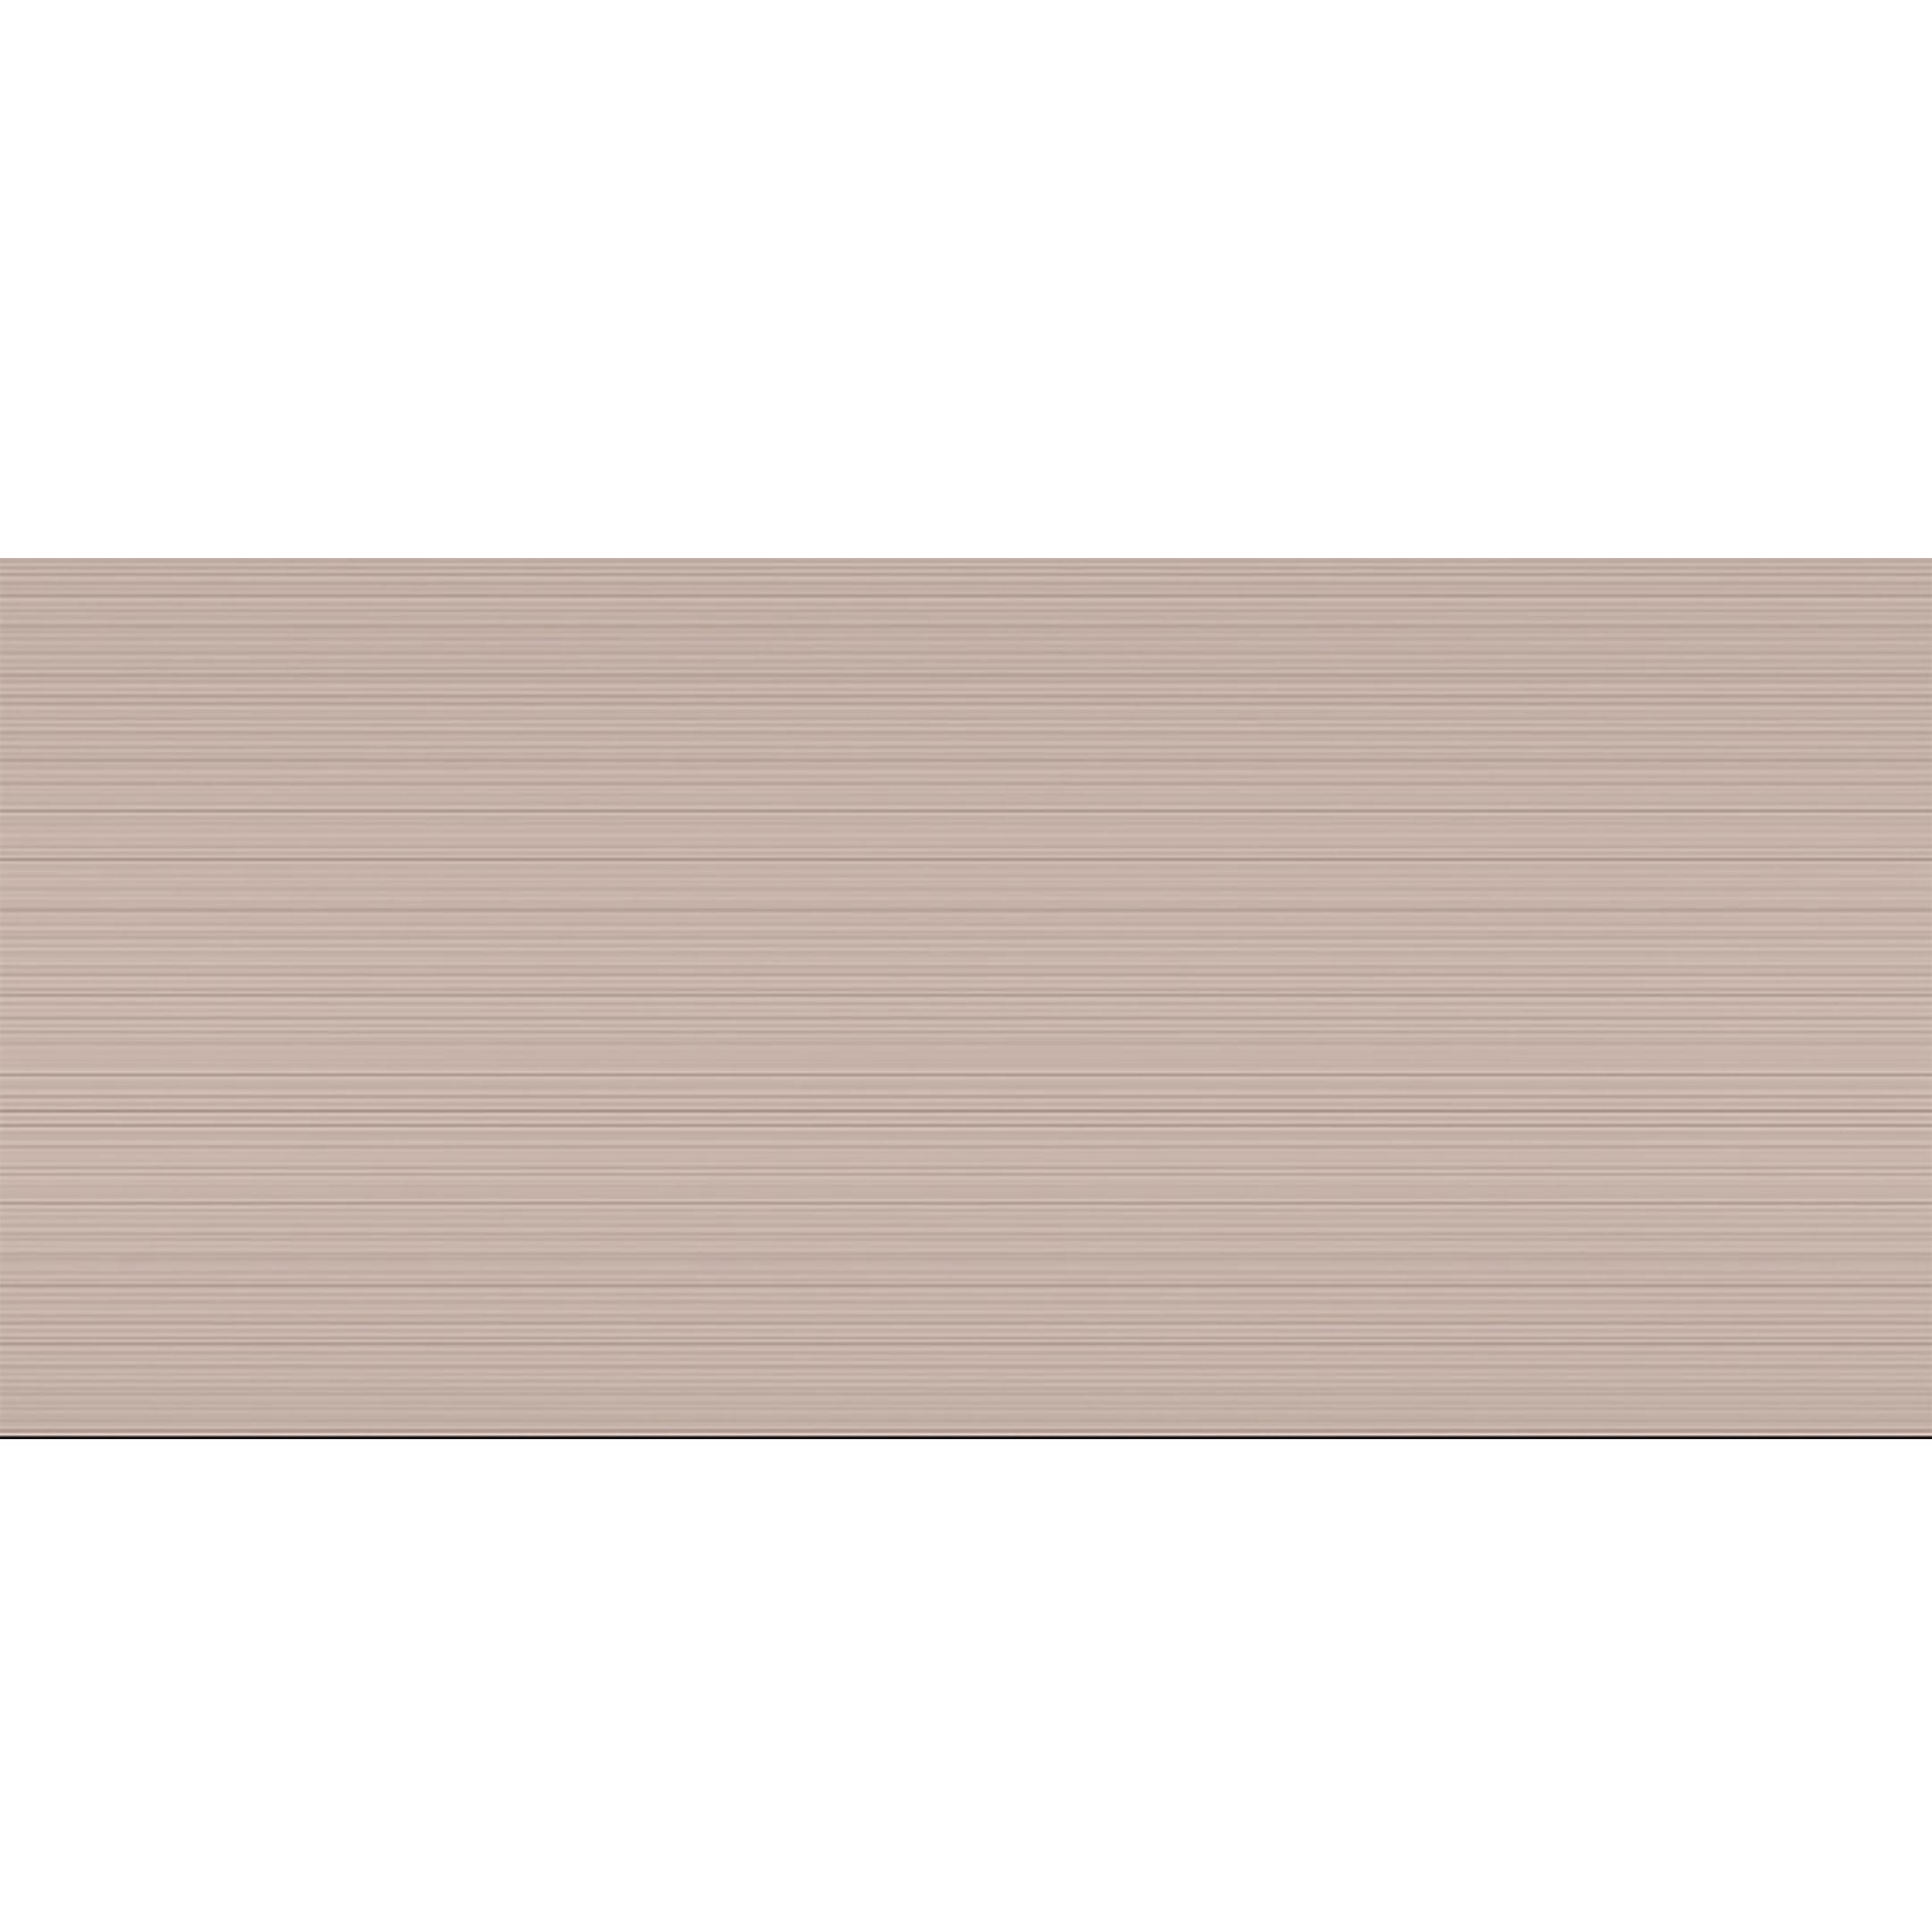 цена на Плитка облицовочная Cersanit Tiffany бежевый 200x440x8,5 мм (12 шт.=1,05 кв.м)